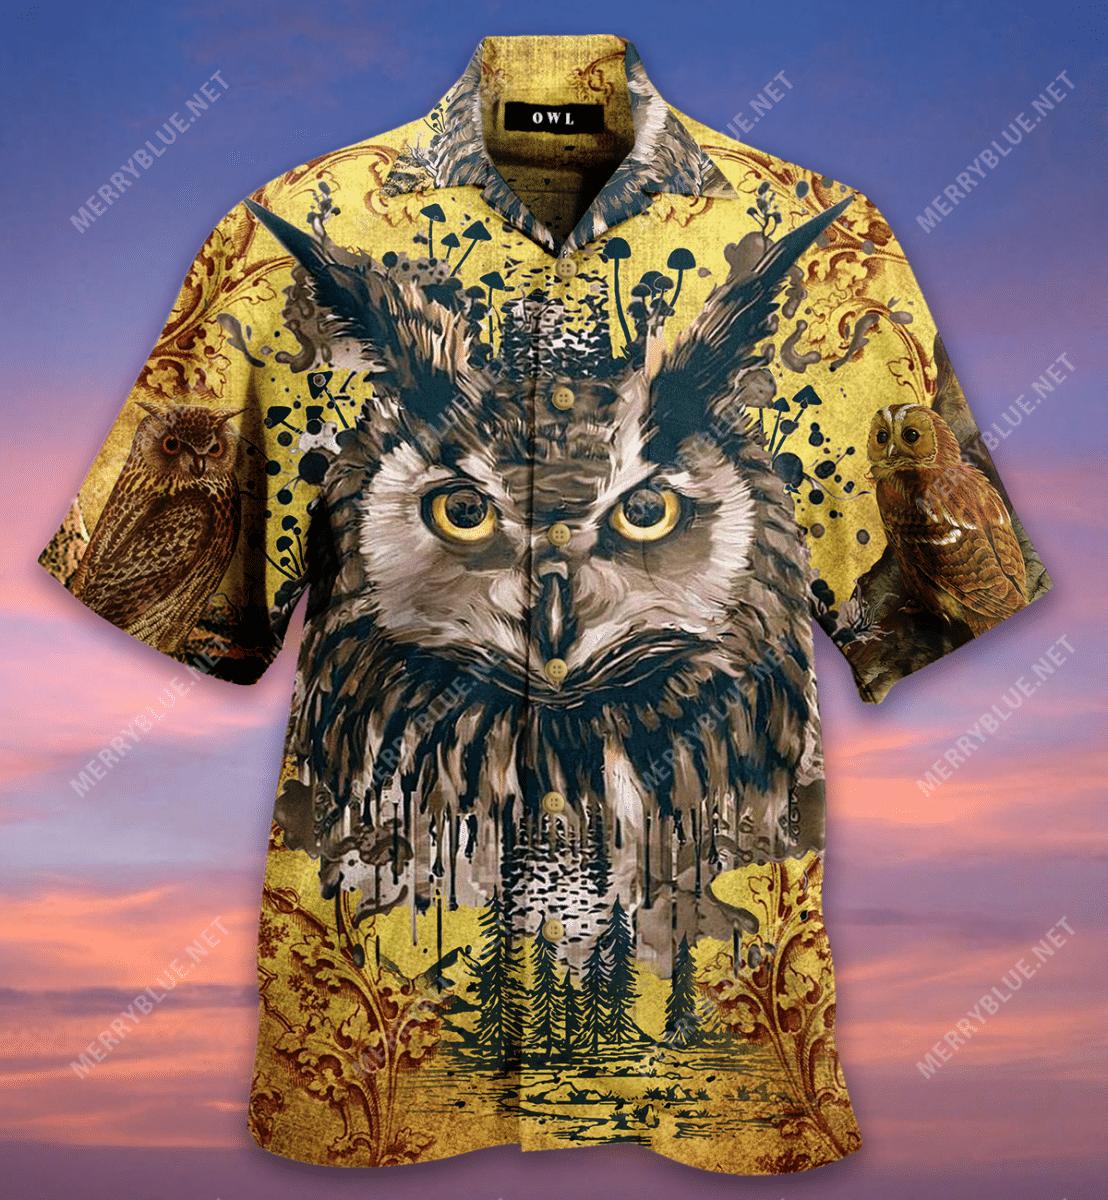 Amazing Vintage Owl Hawaiian Shirt